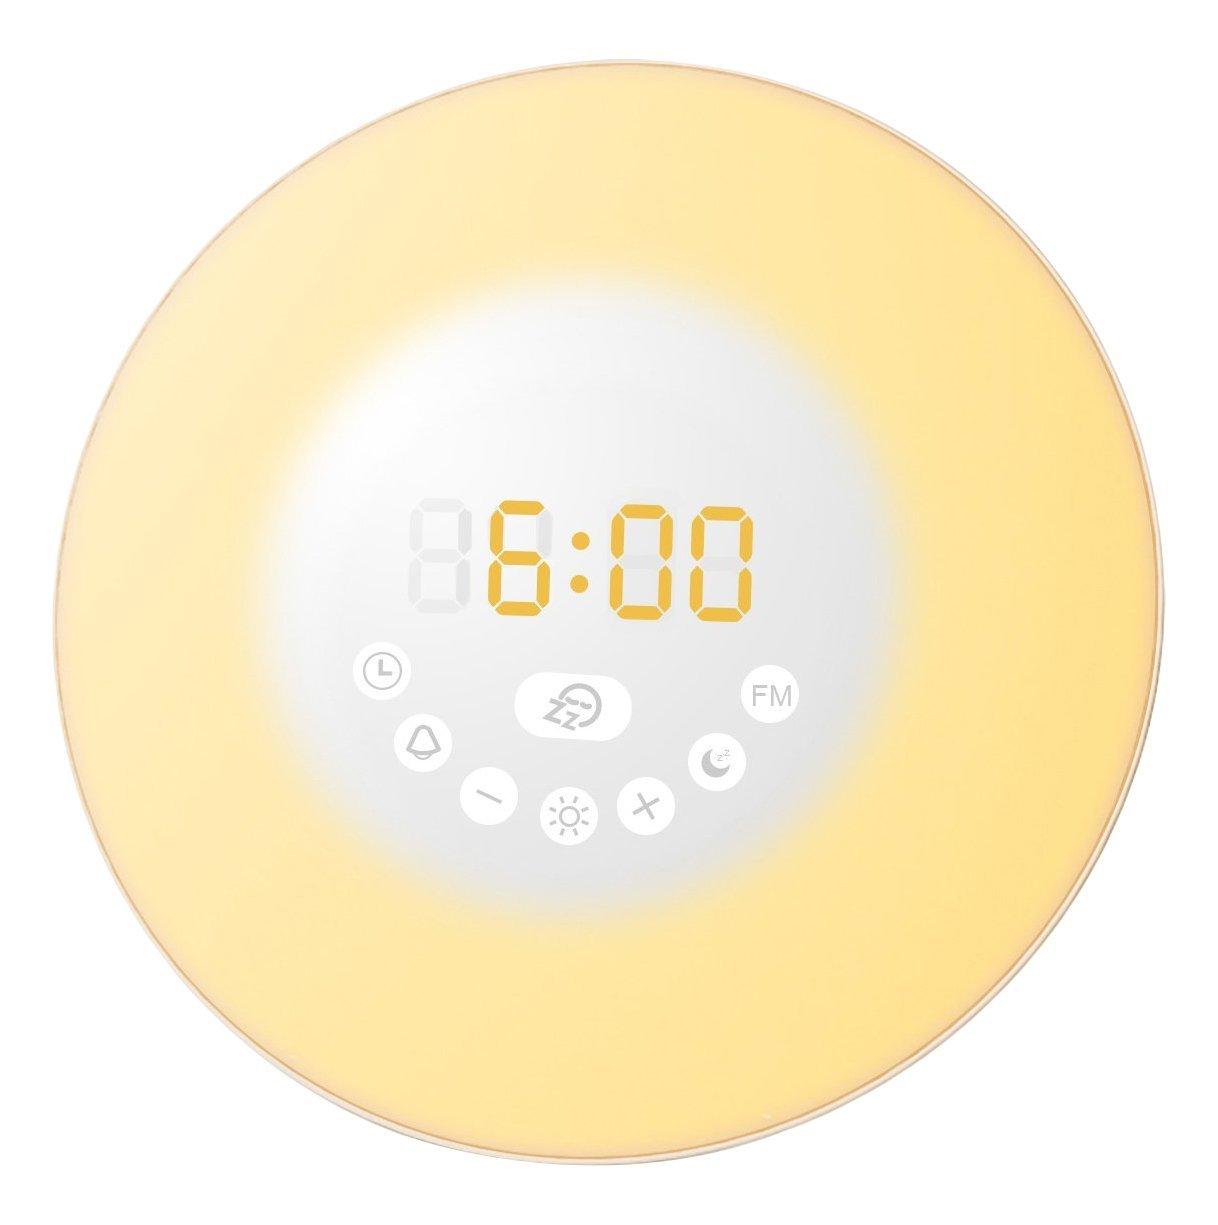 Oria Wake-up light met radio voor €12,99